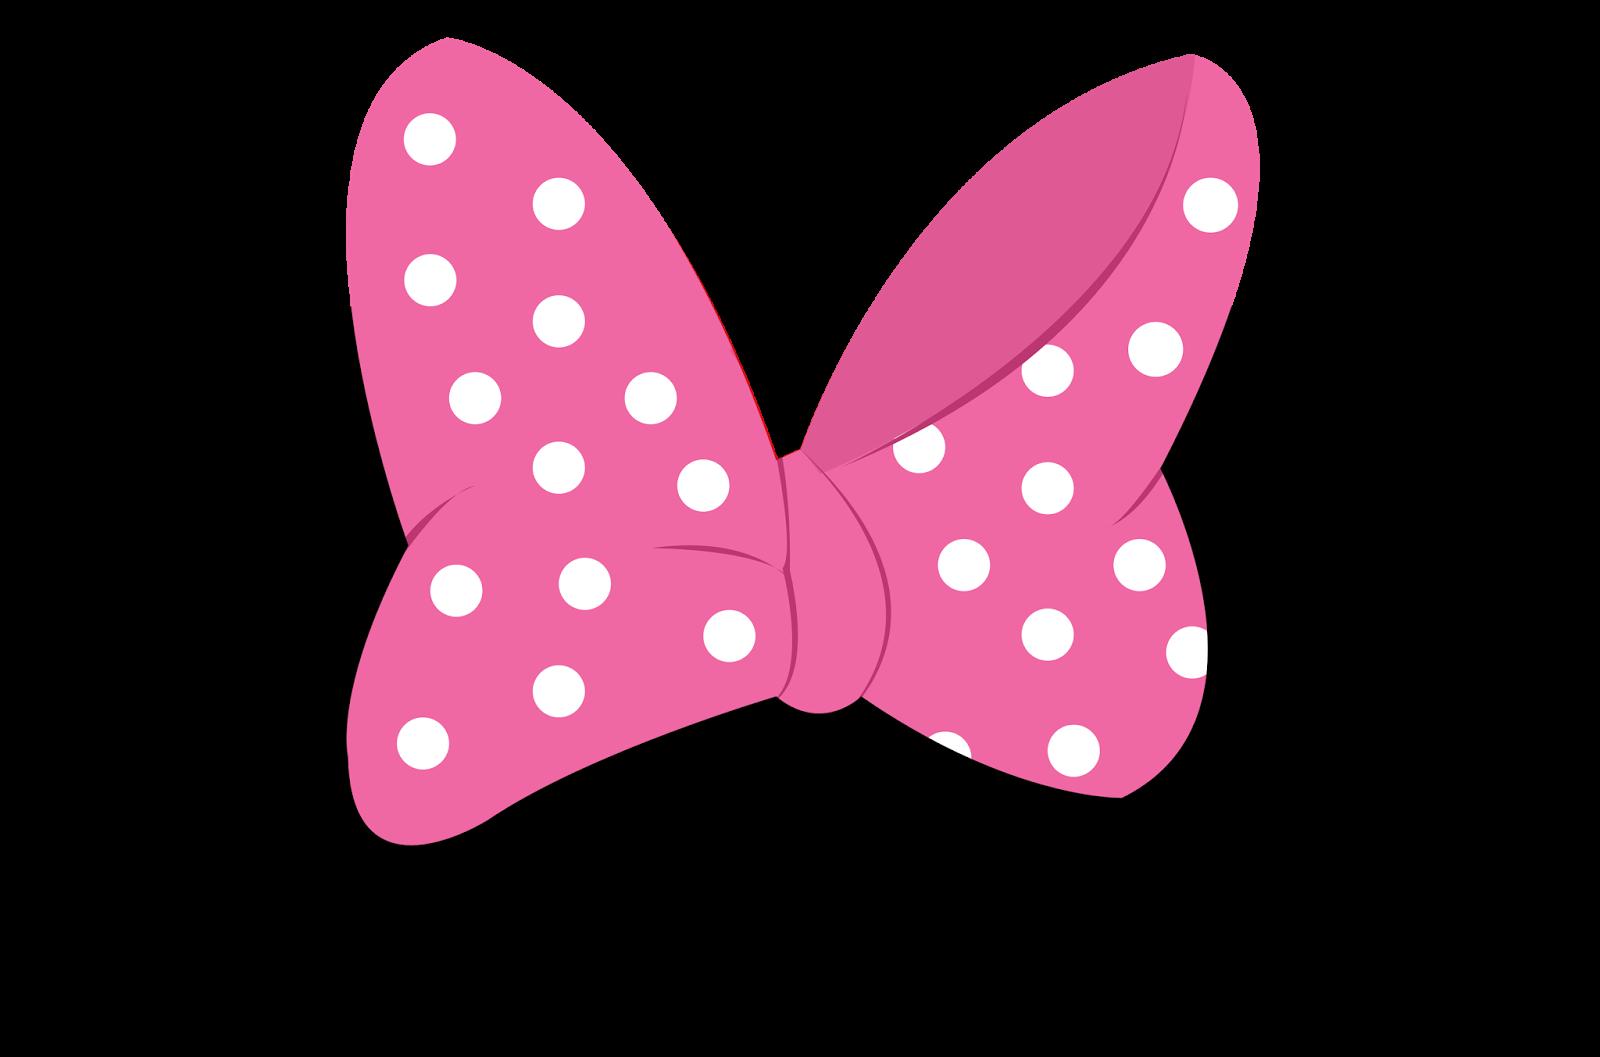 Png Figuras Moño Rosa Disney Minnie Wwwmiifotoscom